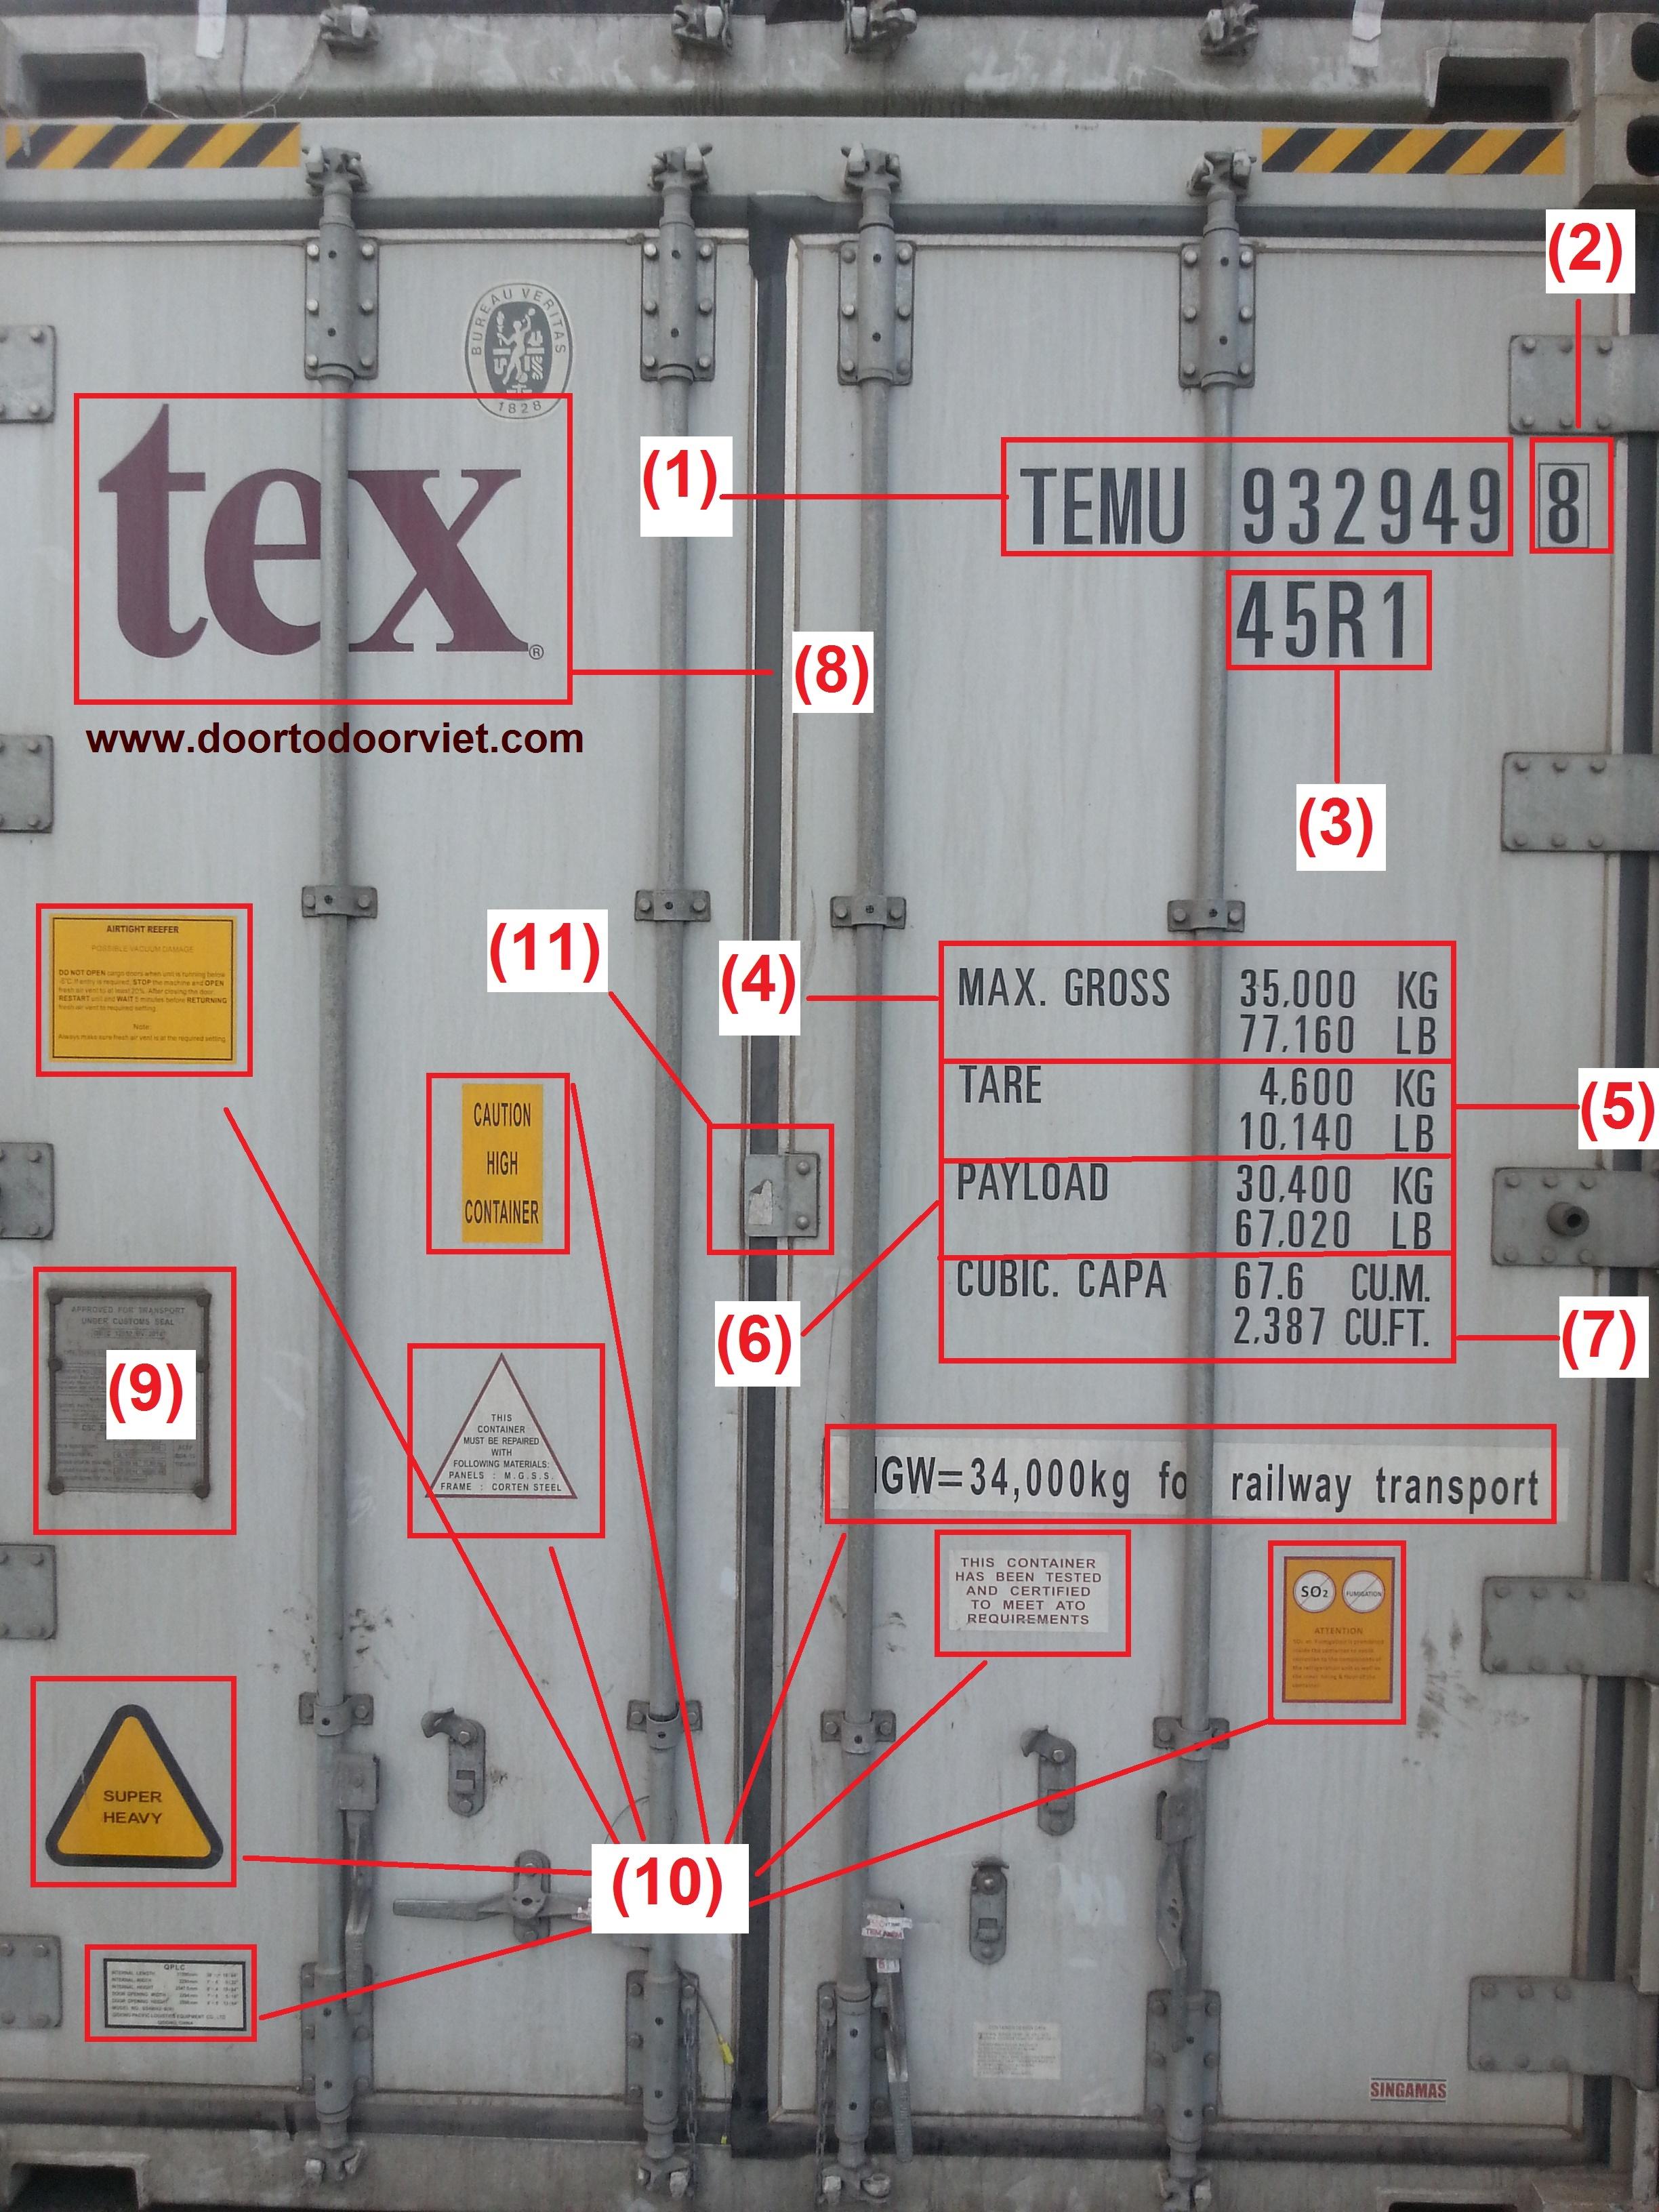 Thông tin trên cửa container